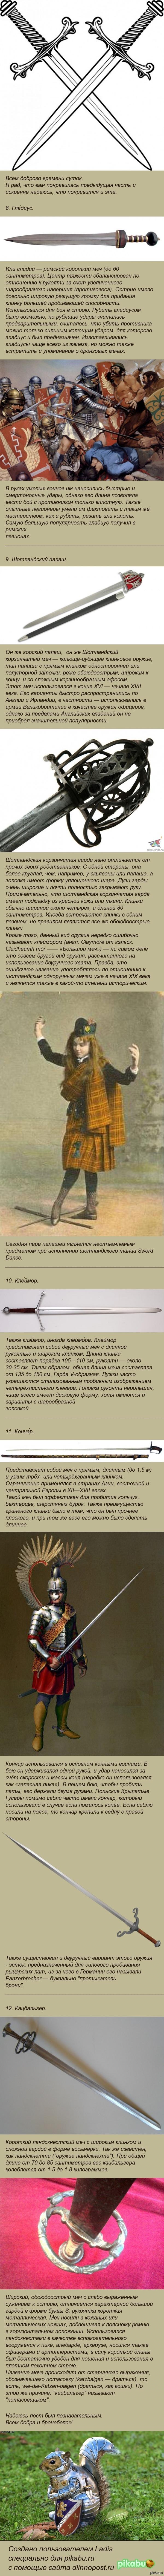 Средневековые мечи ч. 2